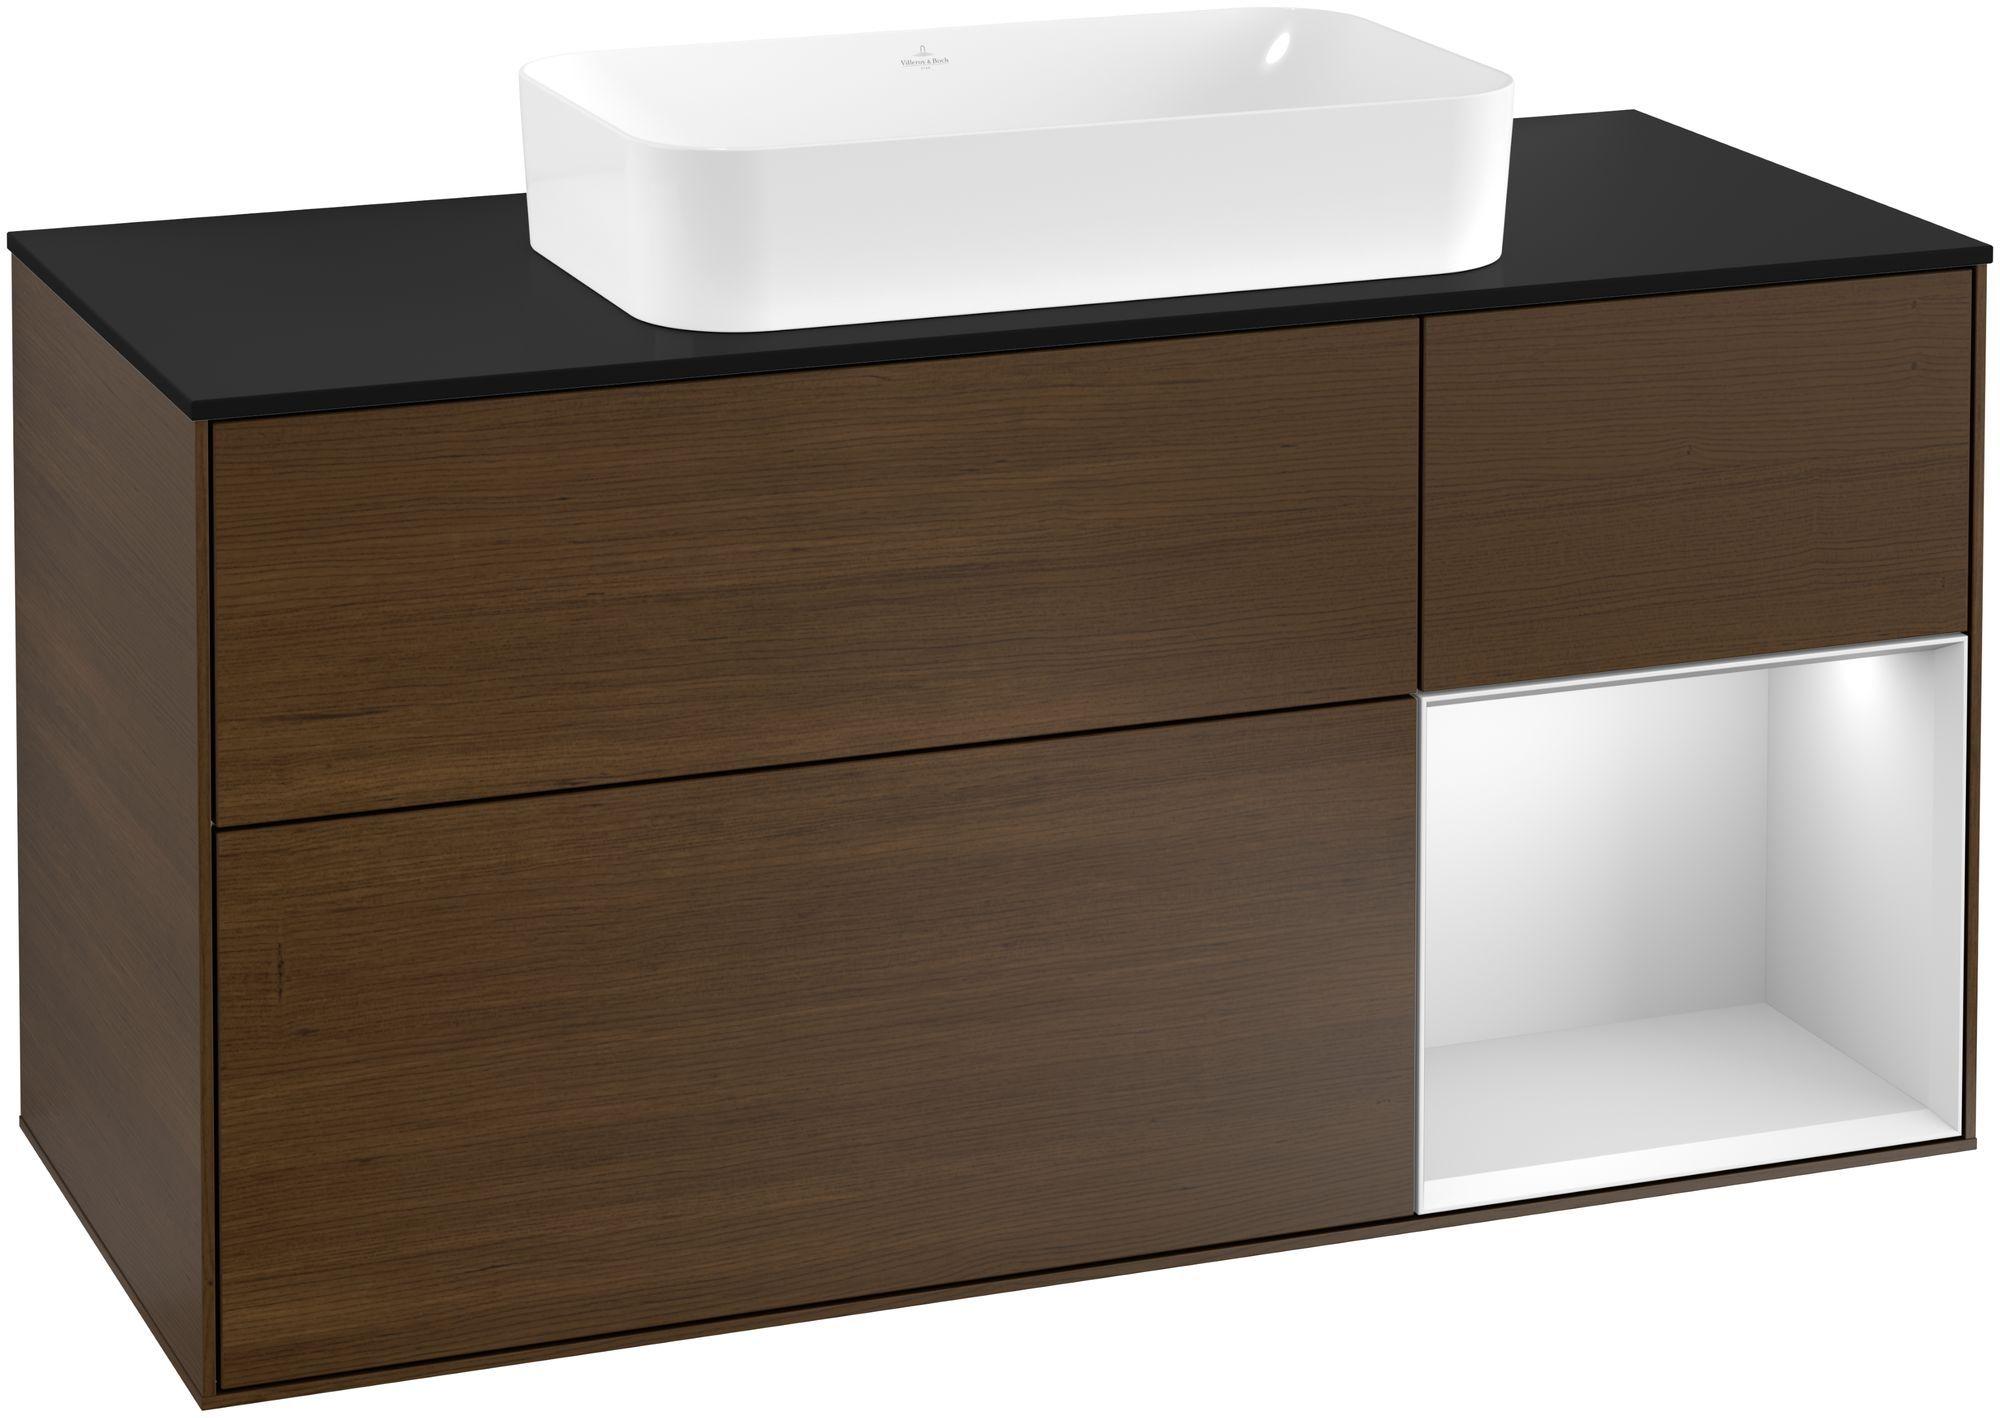 Villeroy & Boch Finion F30 Waschtischunterschrank mit Regalelement 3 Auszüge Waschtisch mittig LED-Beleuchtung B:120xH:60,3xT:50,1cm Front, Korpus: Walnut Veneer, Regal: Weiß Matt Soft Grey, Glasplatte: Black Matt F302MTGN